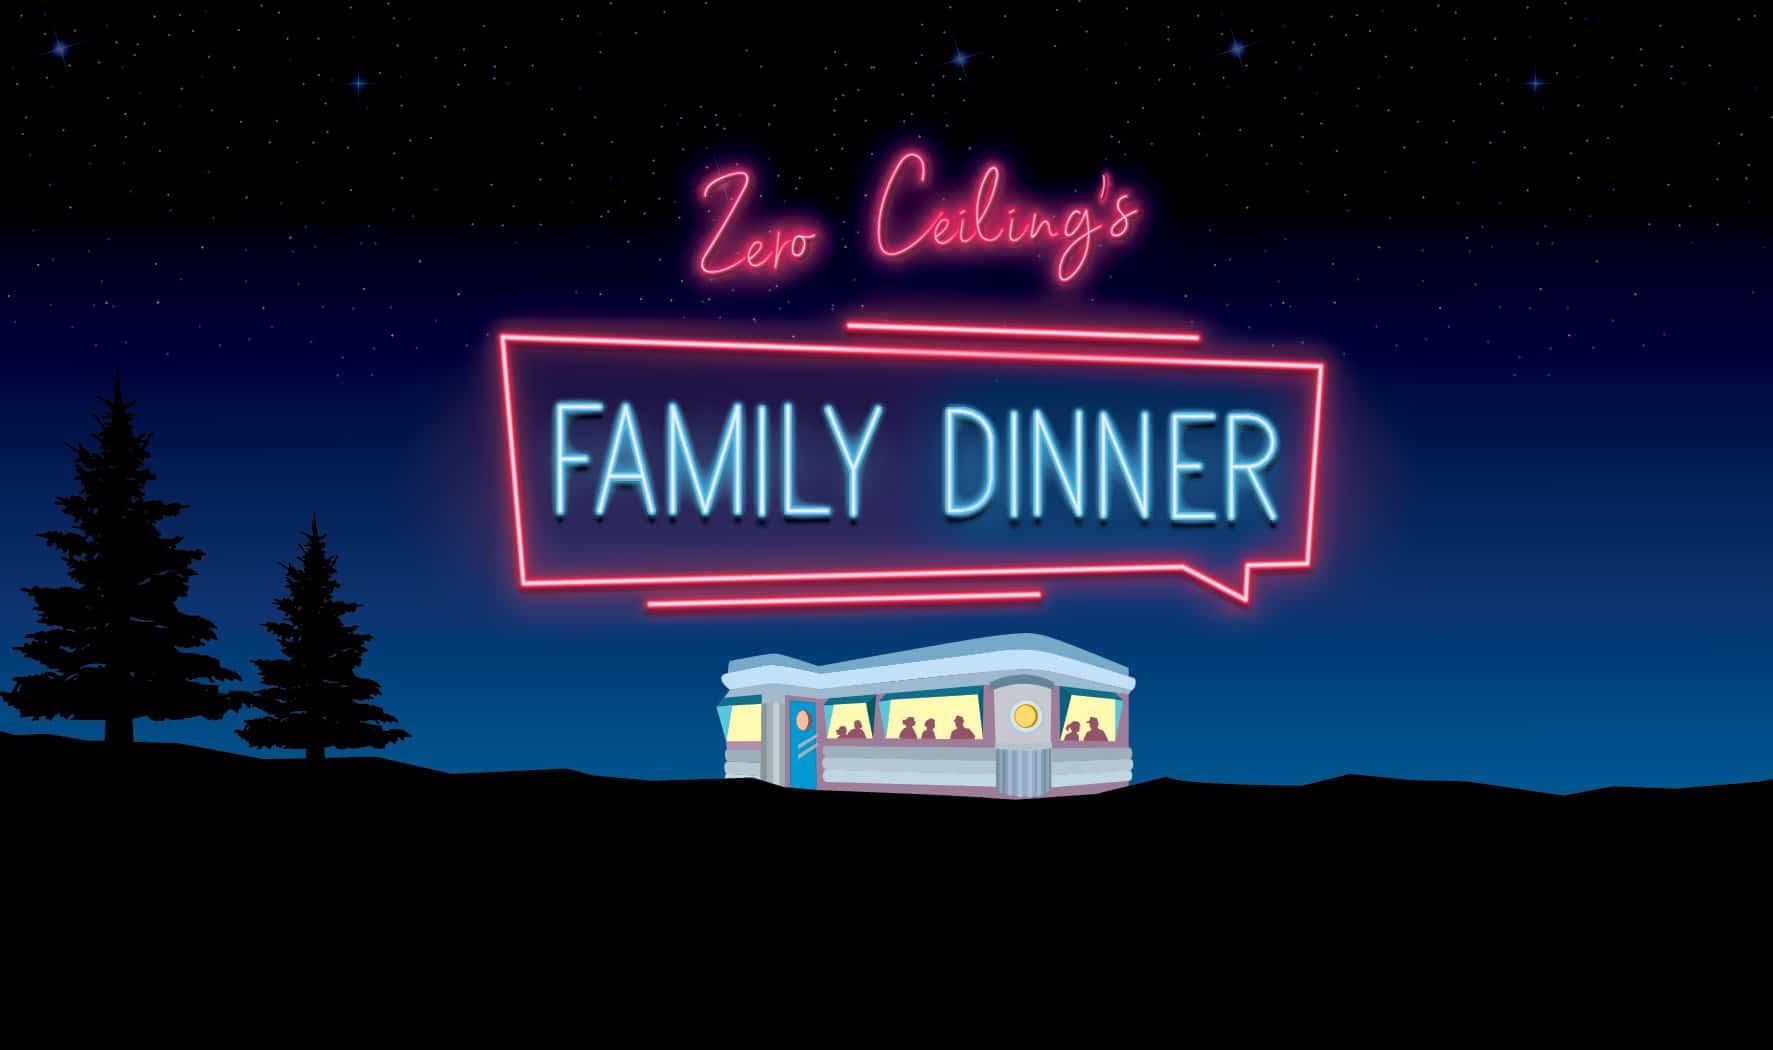 Zero Ceiling's Family Dinner Fundraiser